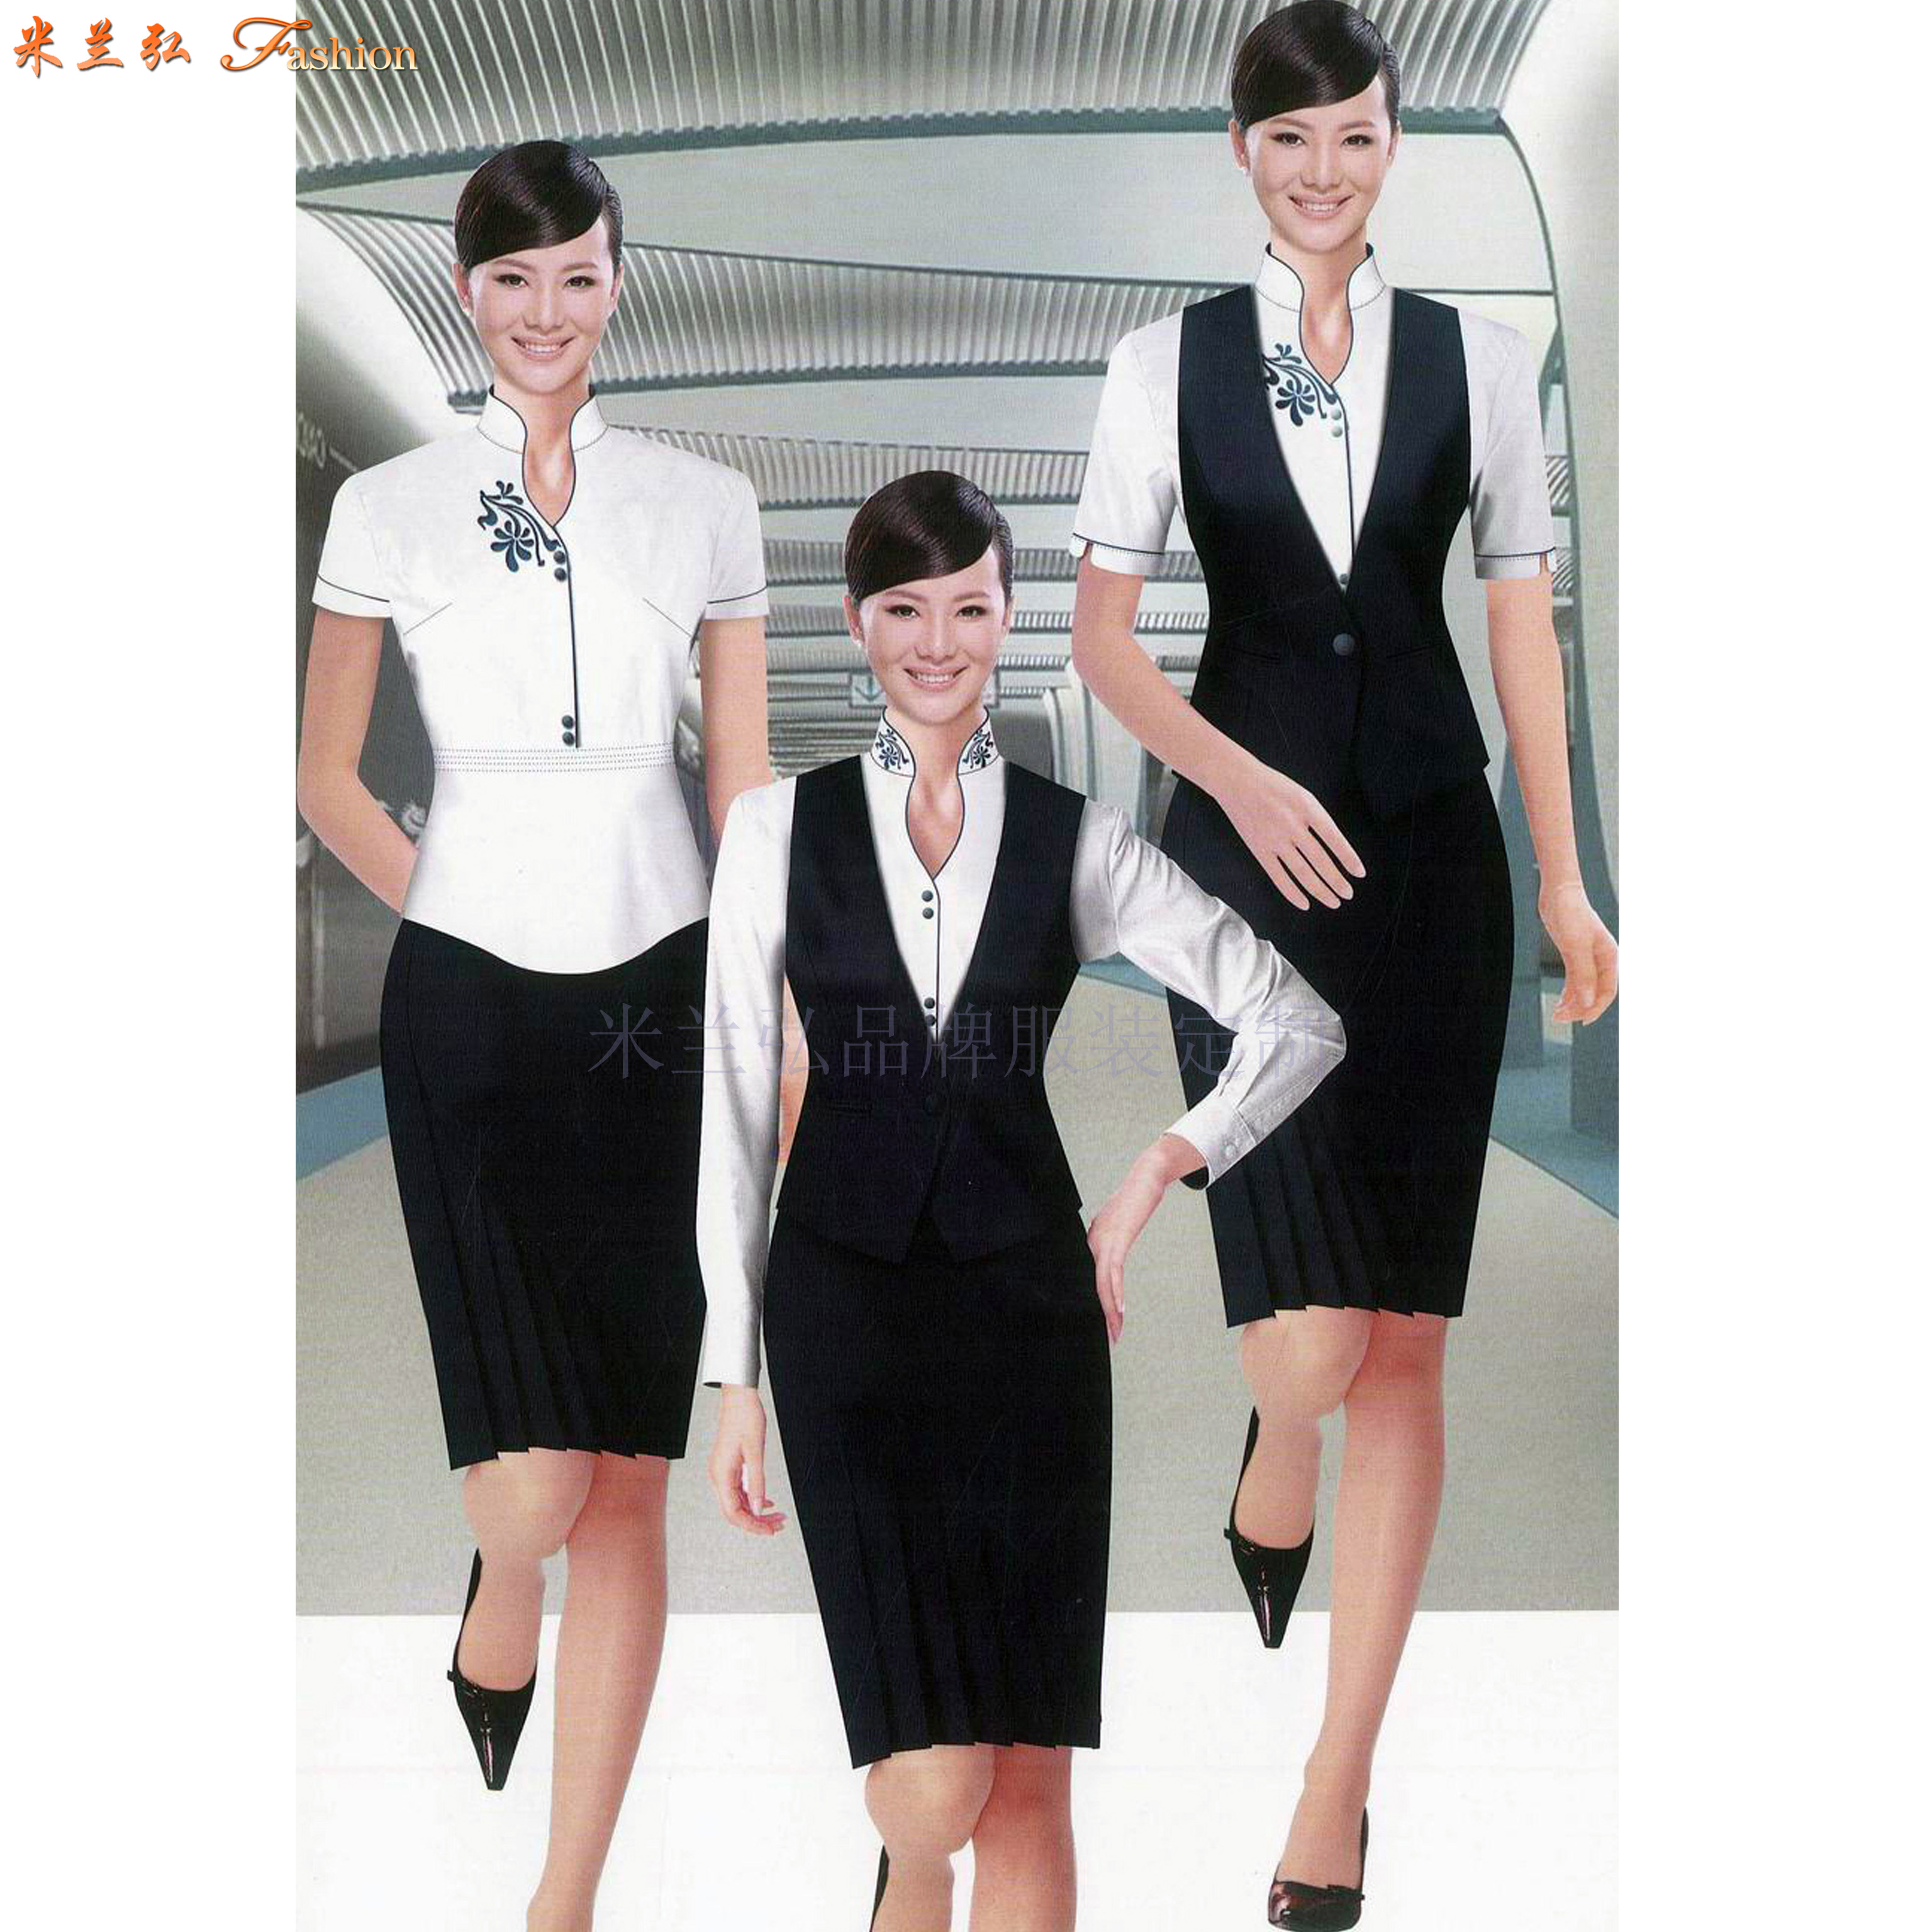 上海地鐵製服_上海地鐵工裝製服訂做-永利注册网站服裝廠家-1